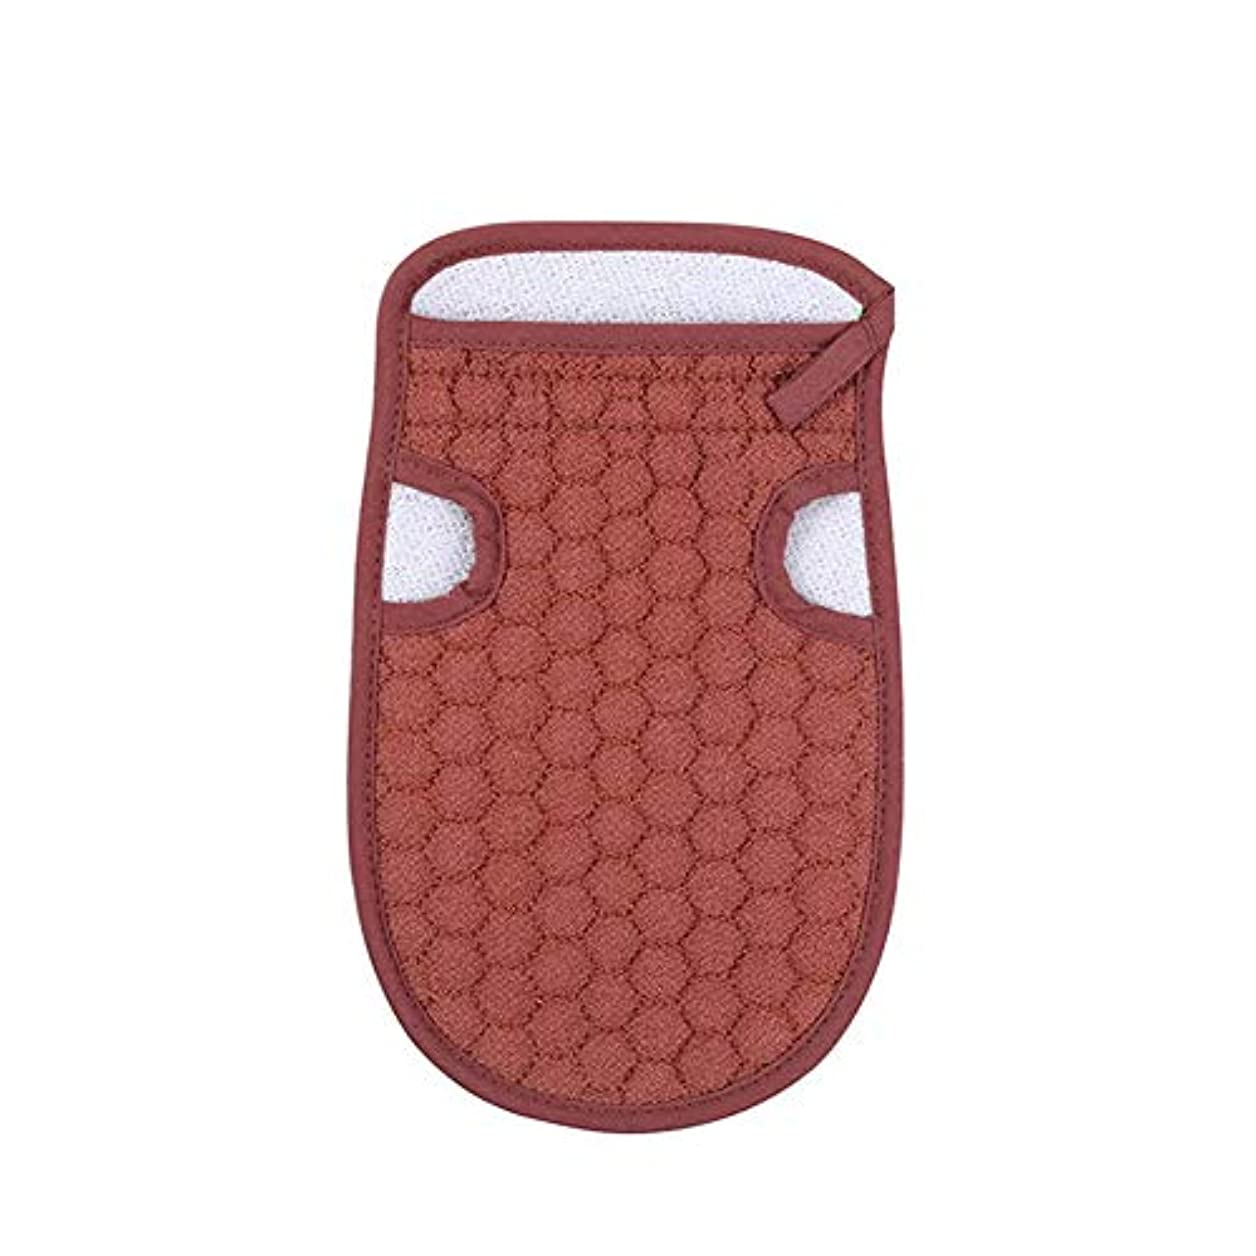 グリル控える治療浴用手袋 あかすり ボディタオル 入浴用品 バス用品 垢すり手袋 毛穴清潔 角質除去 男女兼用